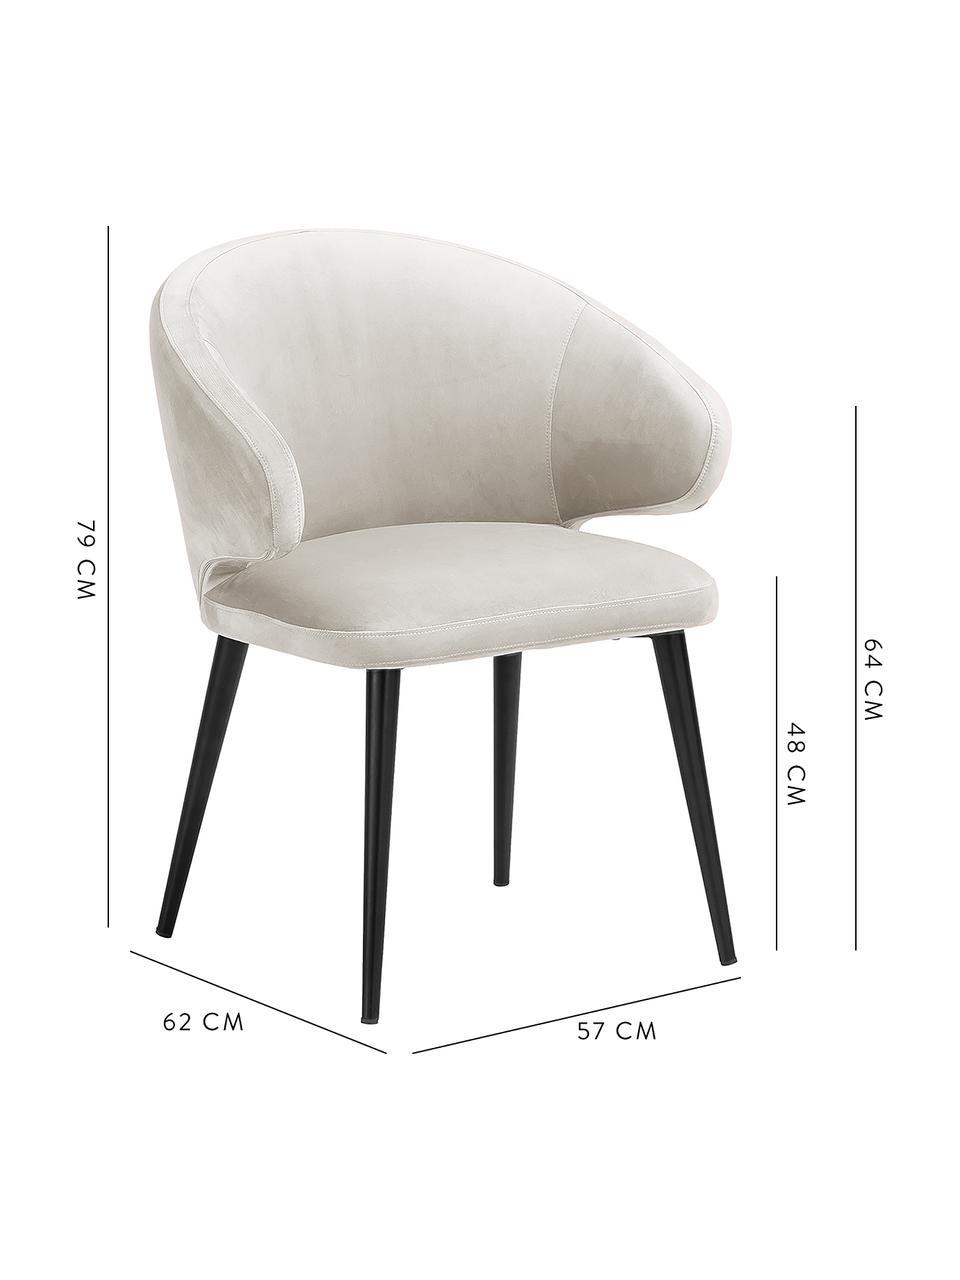 Krzesło z podłokietnikami z aksamitu Celia, Tapicerka: aksamit (poliester) Dzięk, Nogi: metal malowany proszkowo, Aksamitny beżowy, S 57 x G 62 cm